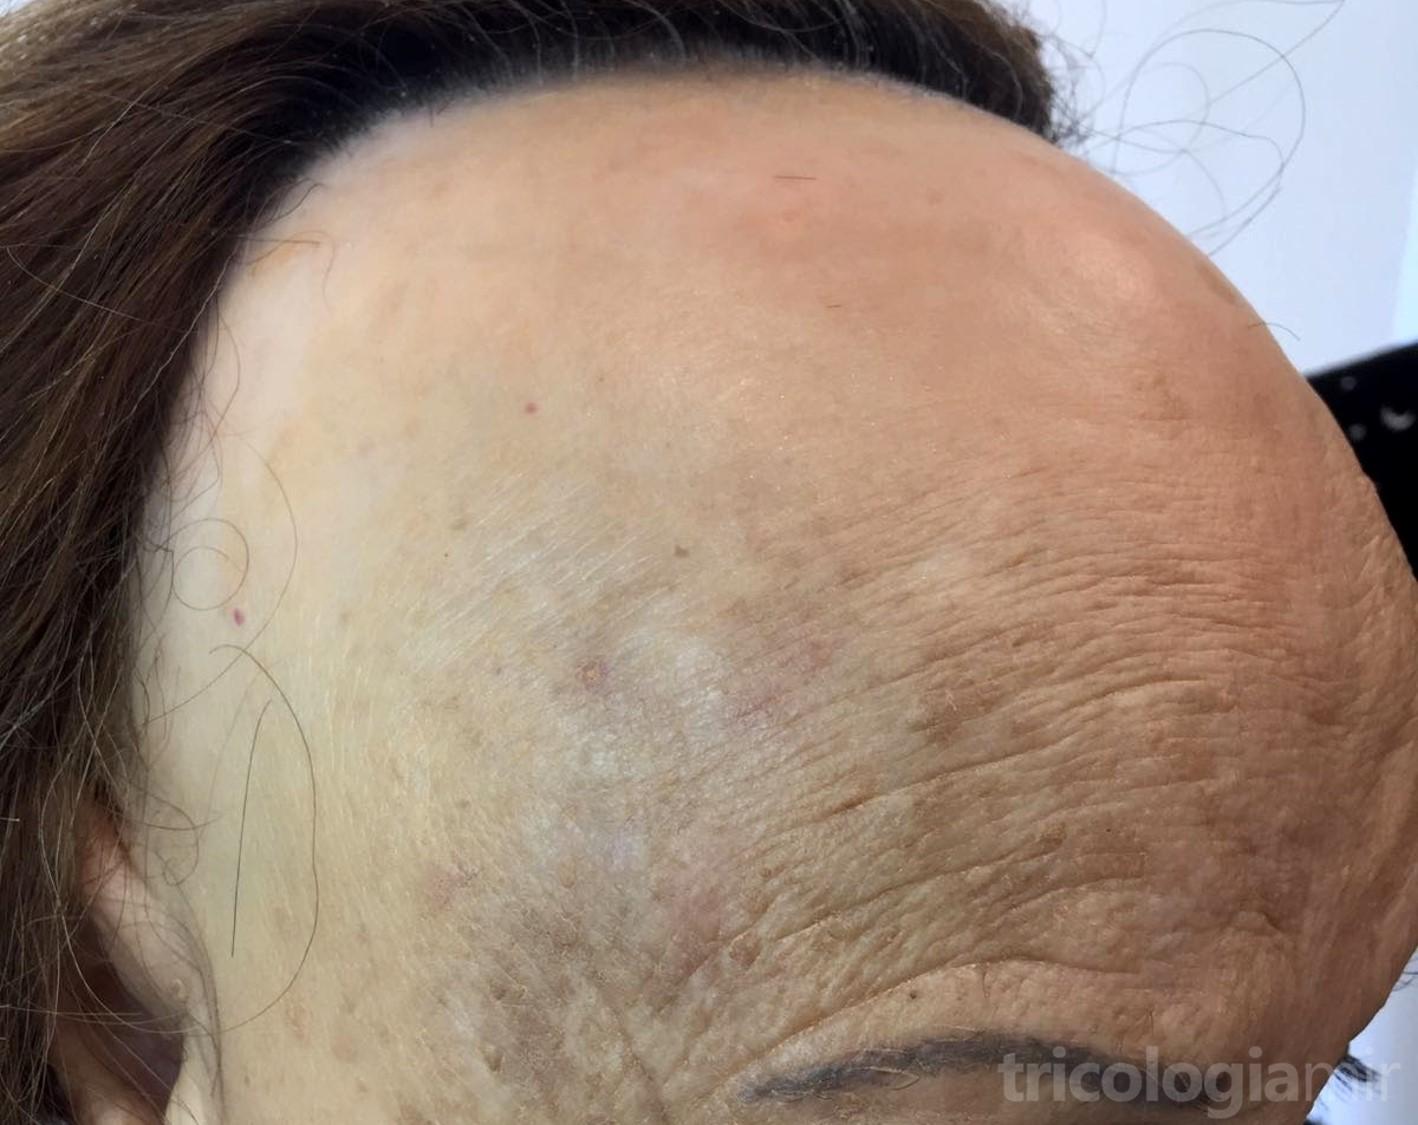 AFF avanzada con retraso muy importante de la línea de implantación y pérdida de cejas